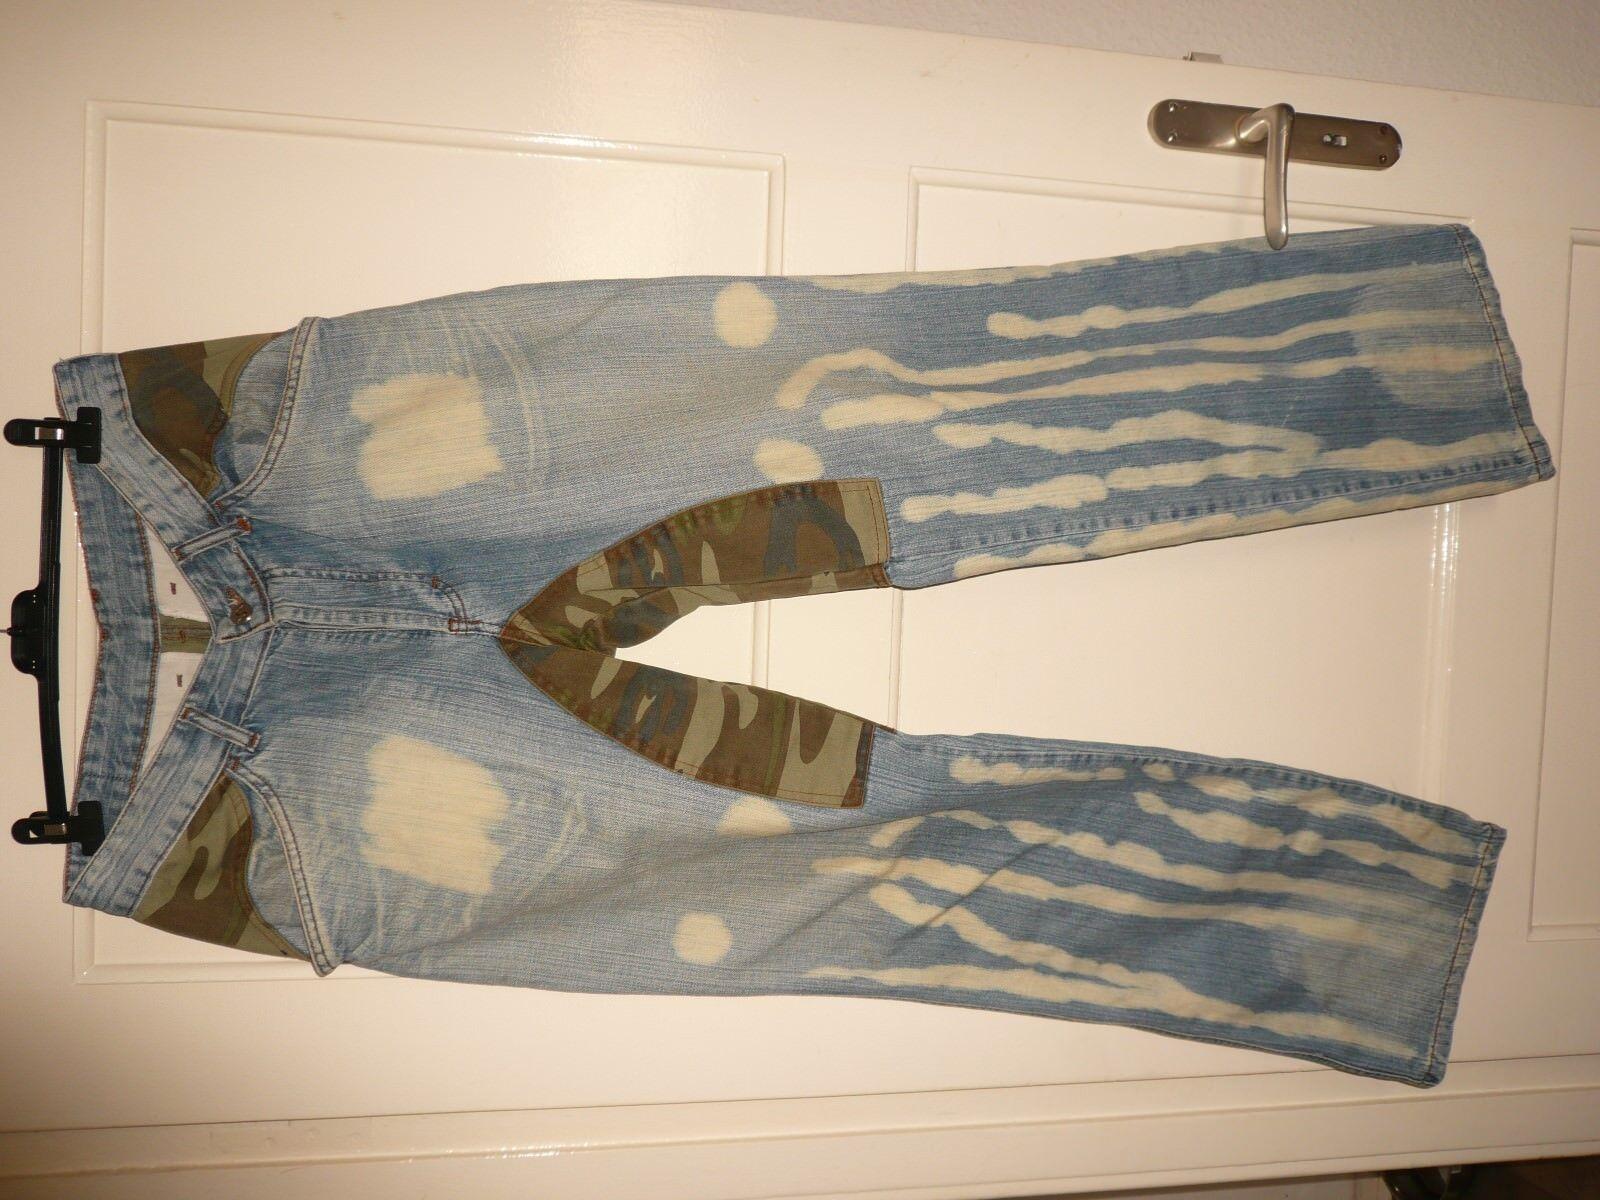 Designerjeans Jeans Neu Camouflage sehr selten     | Überlegen  | Sehr gelobt und vom Publikum der Verbraucher geschätzt  | Spielzeugwelt, spielen Sie Ihre eigene Welt